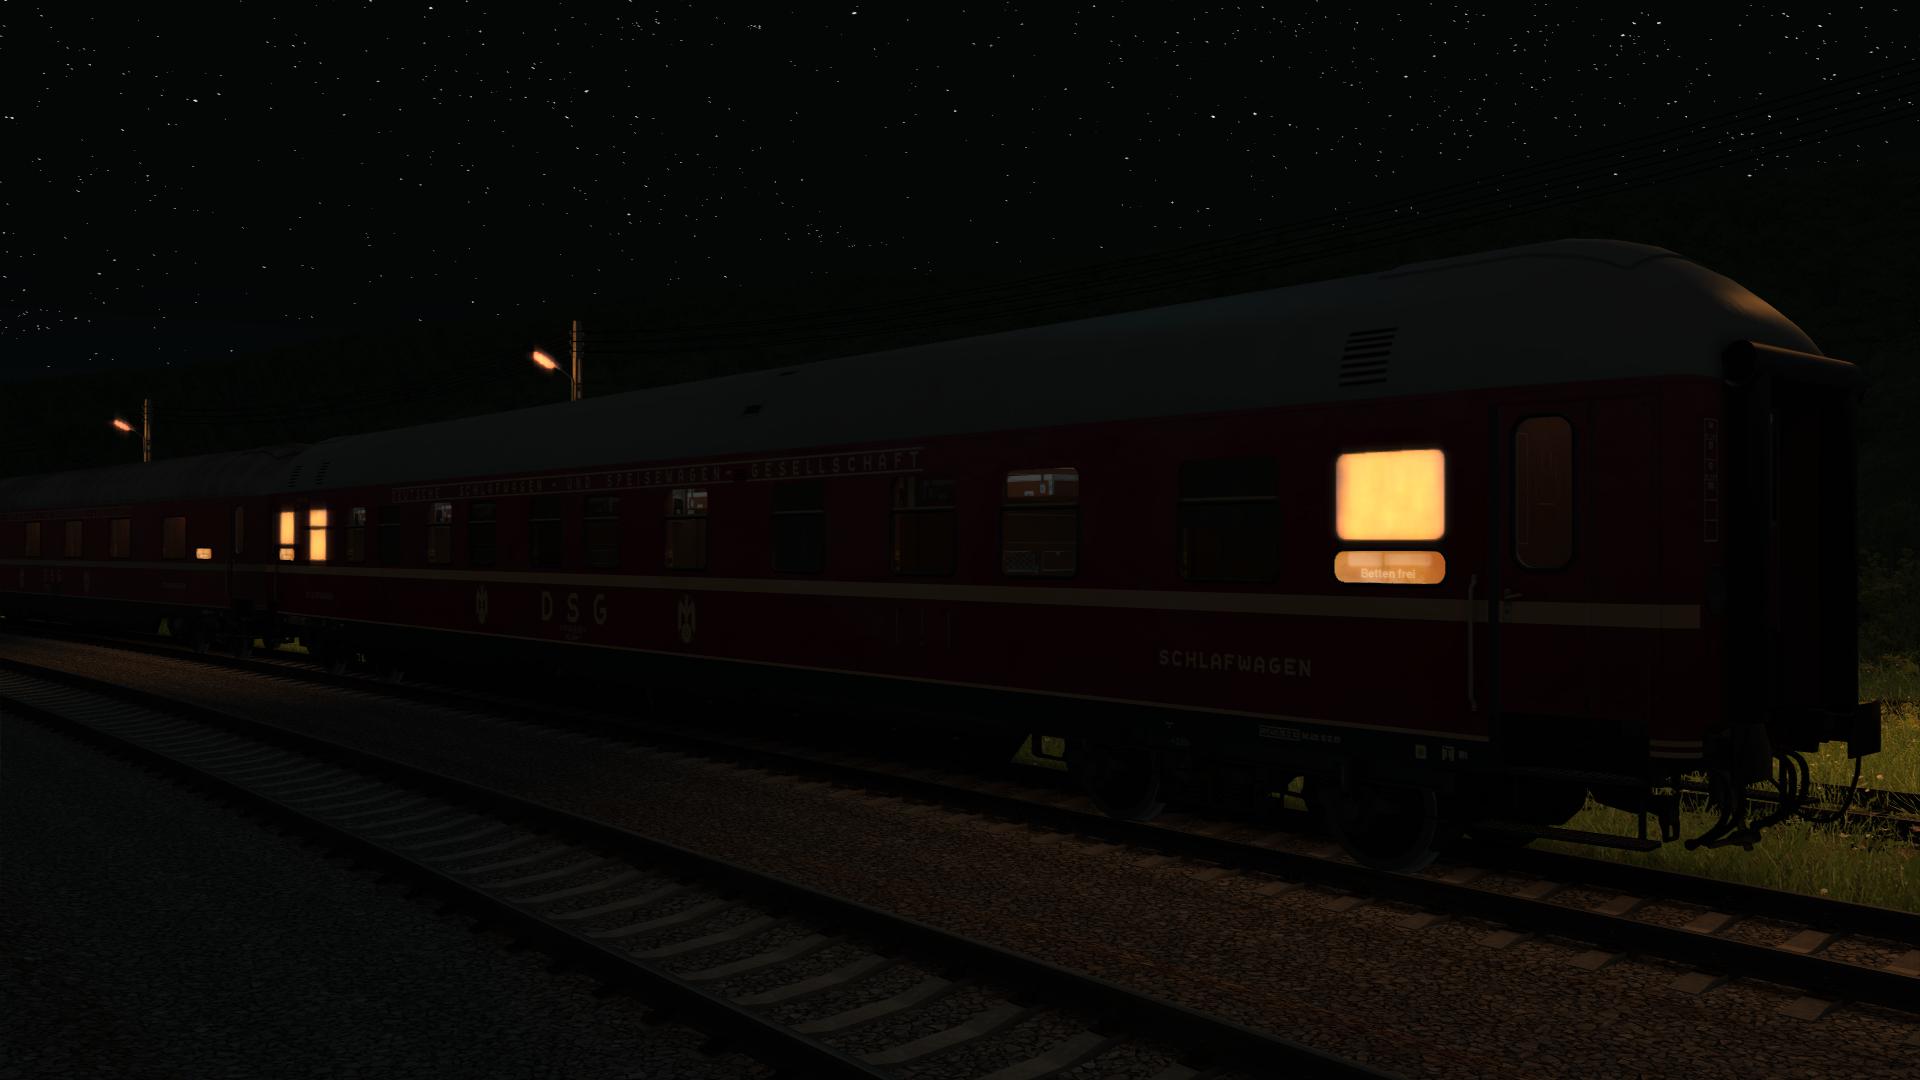 RailWorks64 2021-03-21 15-40-34